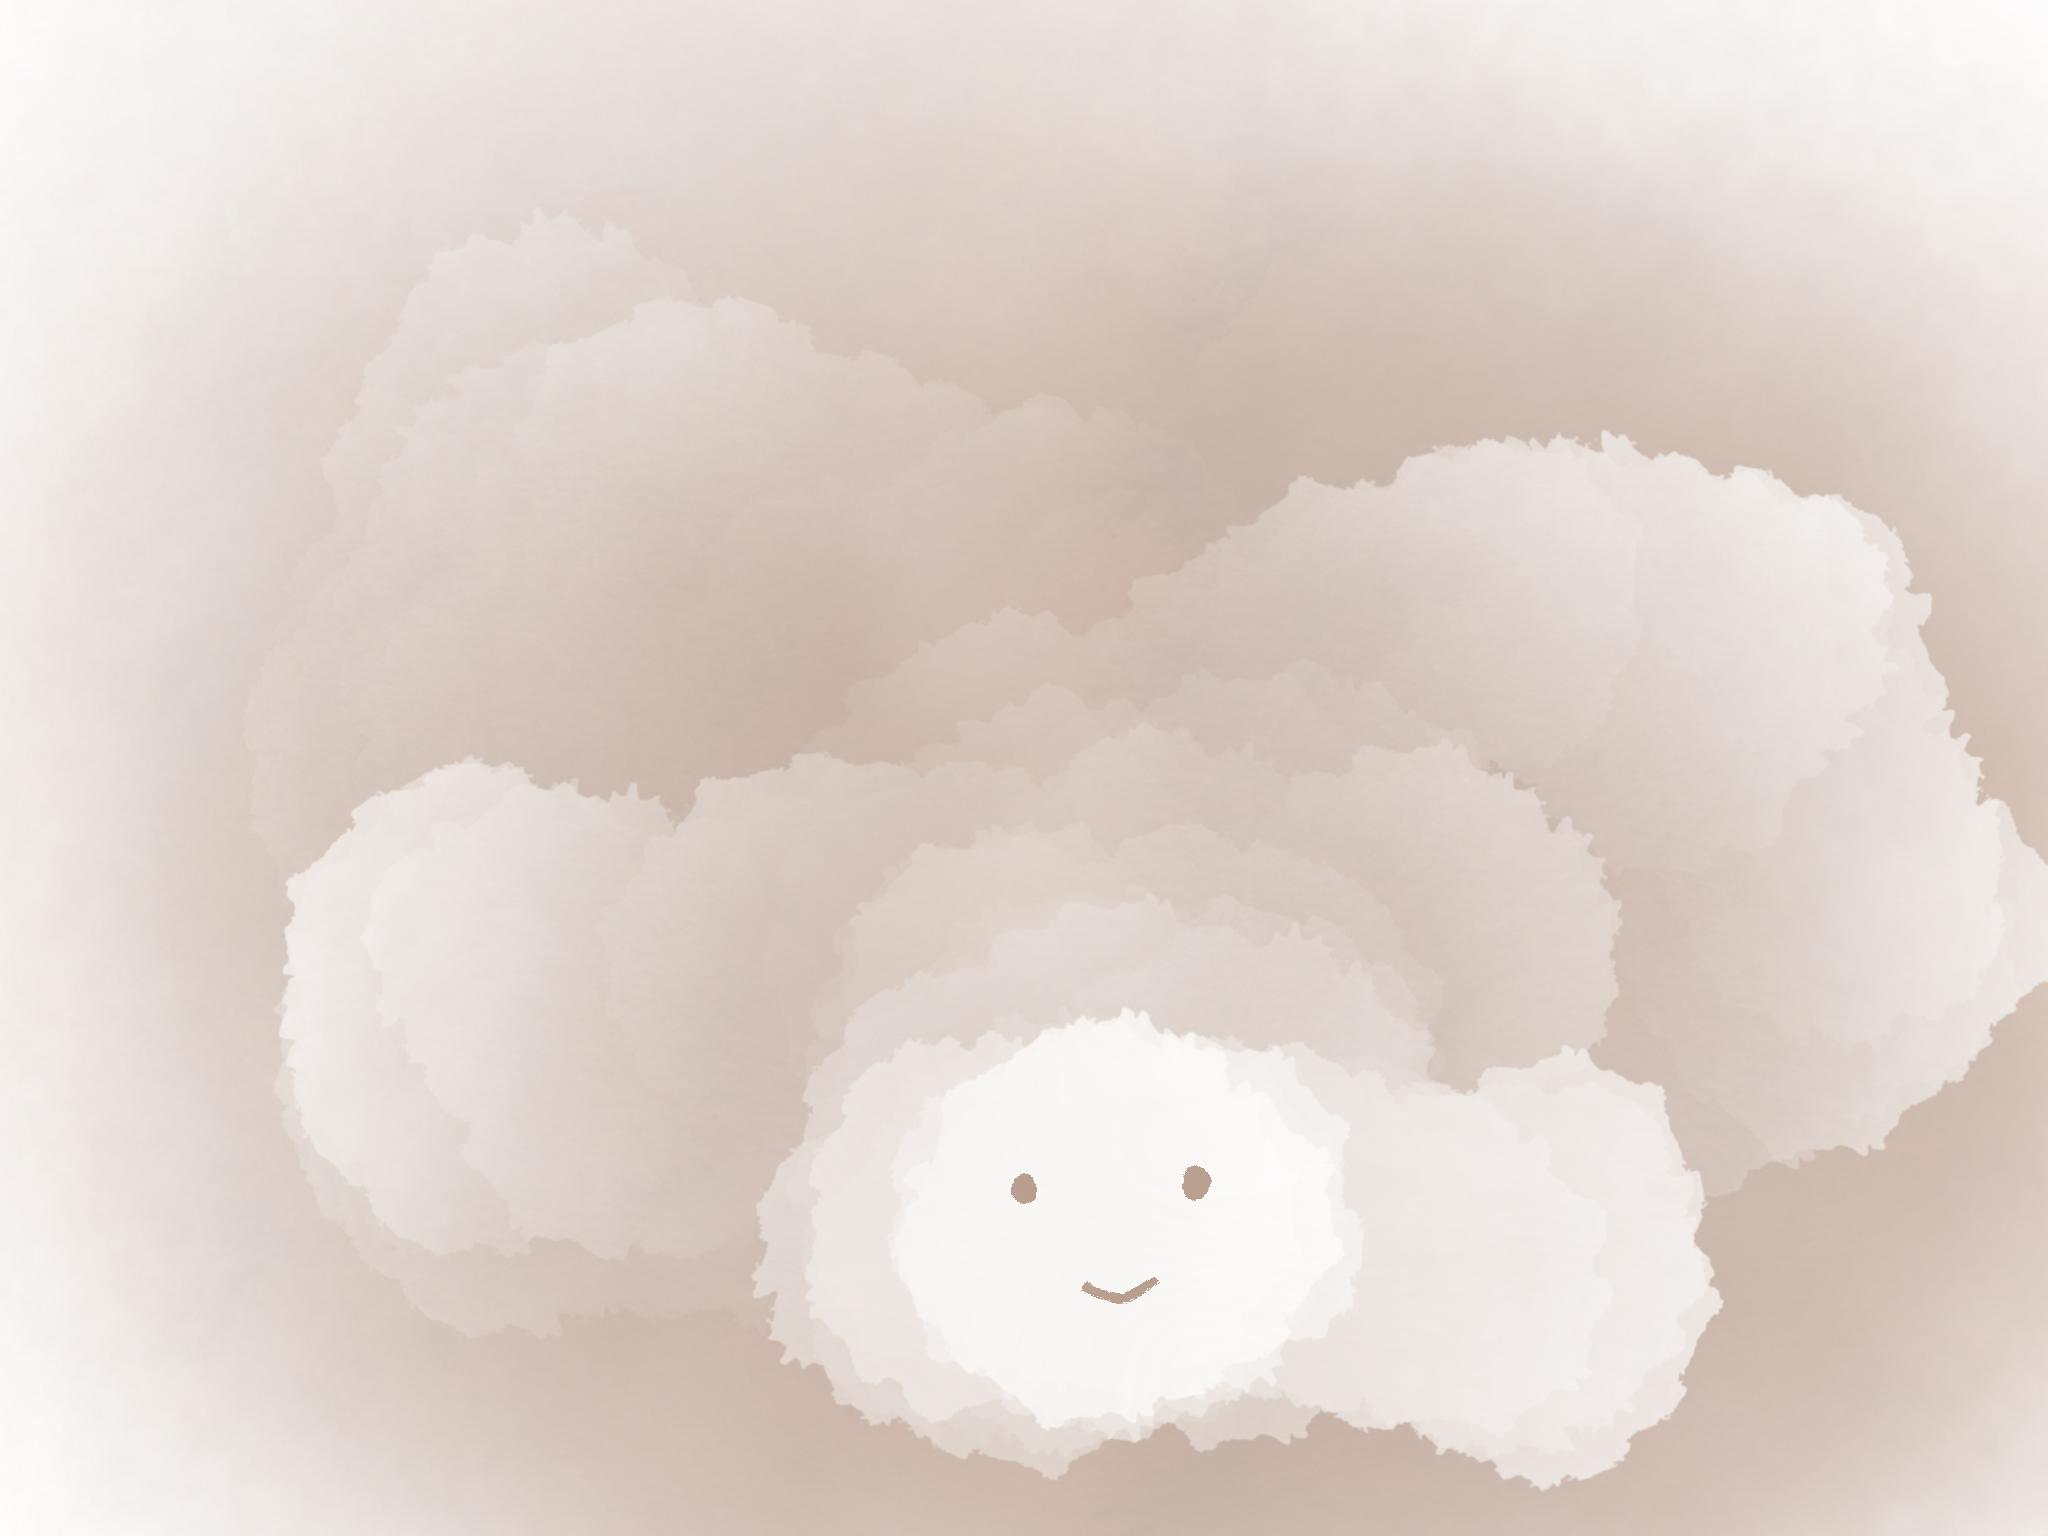 Smoky02